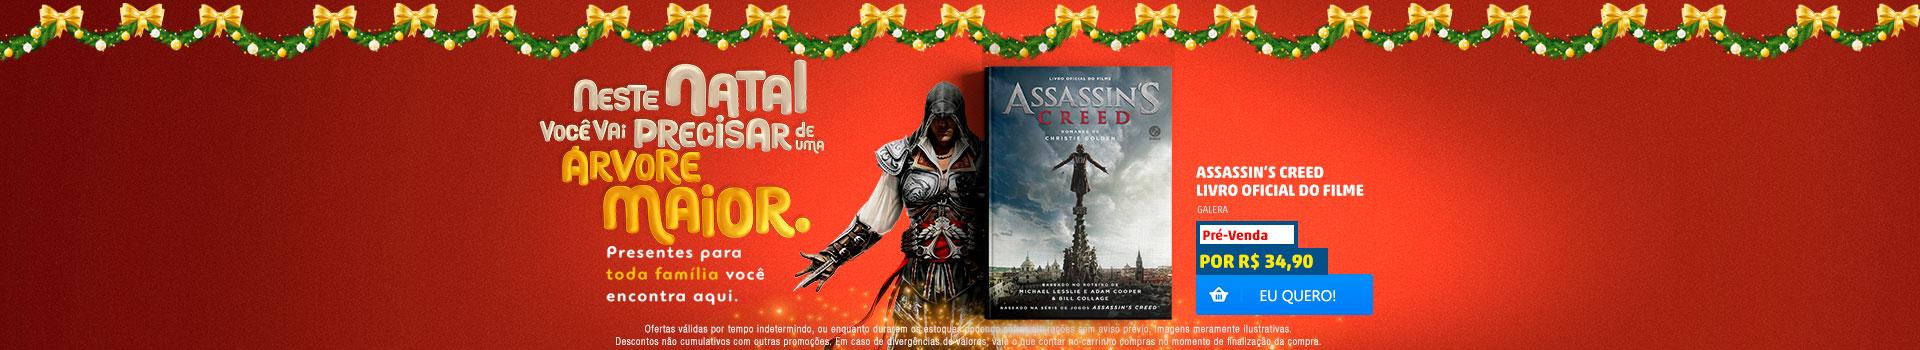 Assassin's Creed Livro Oficial do Filme